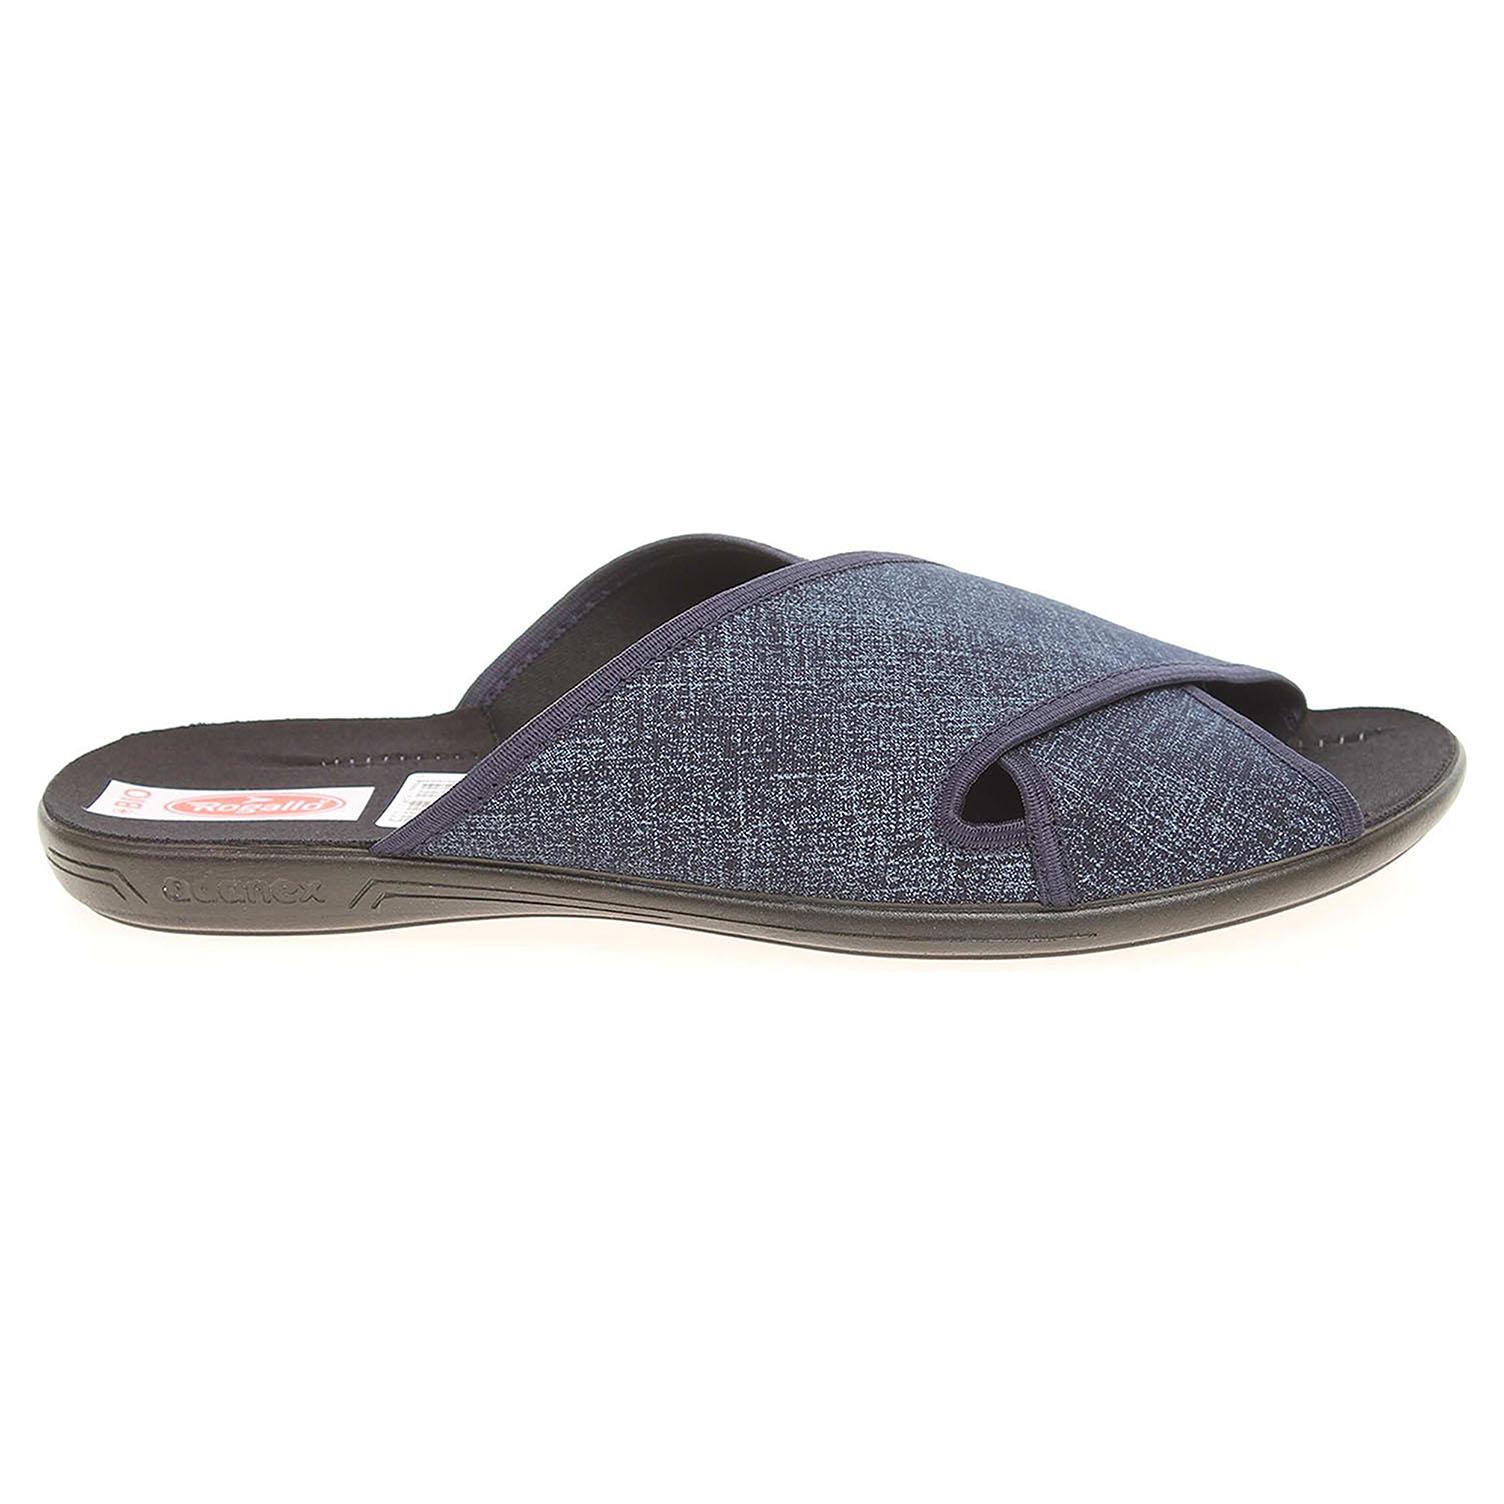 Ecco Rogallo pánské domácí pantofle 21764 modré 24800251